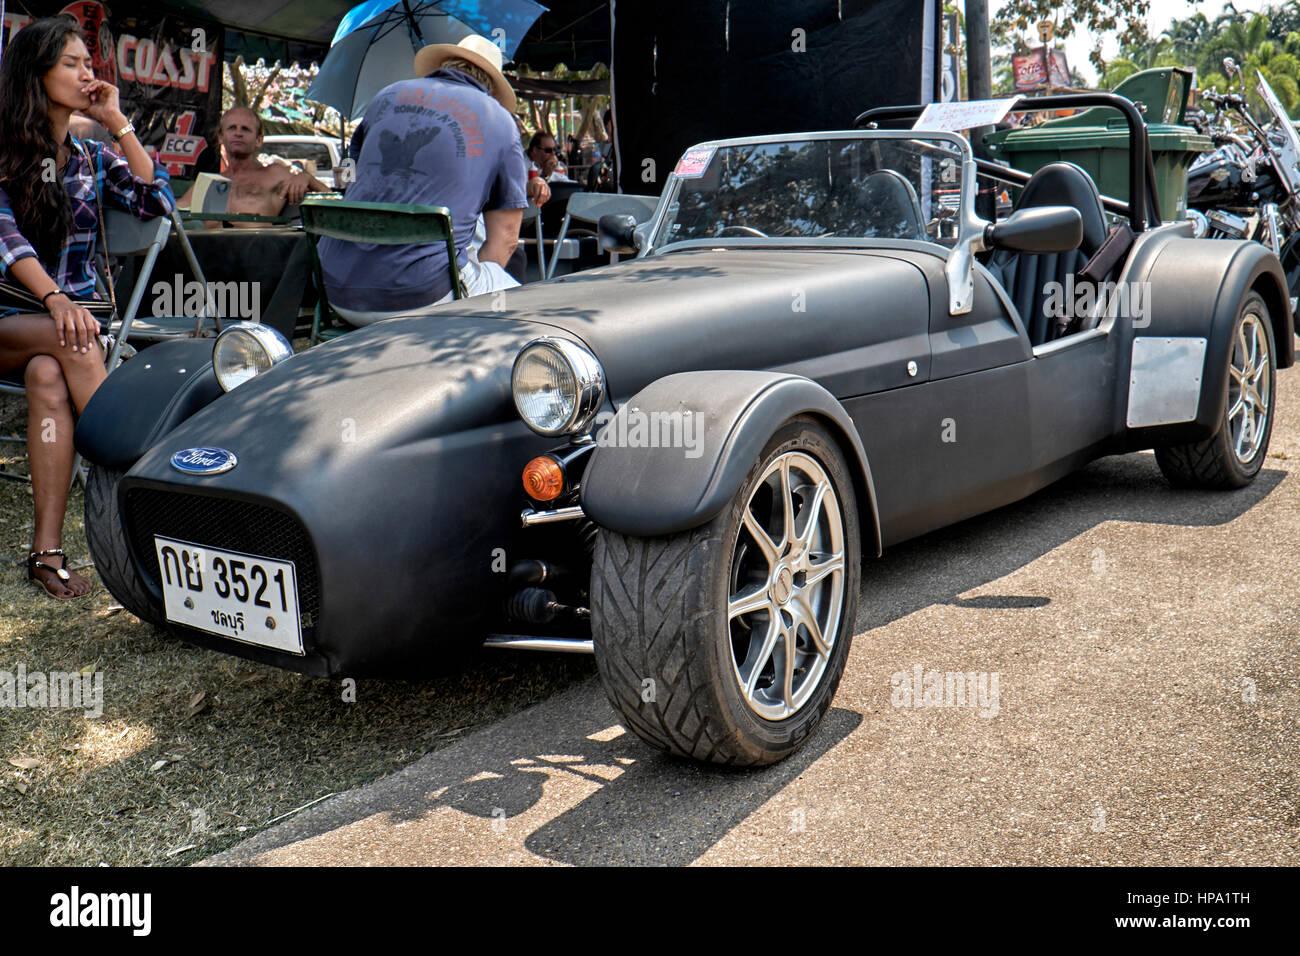 Lotus 7 kit car usa - Lotus Caterham Super 7 Kit Car Stock Image